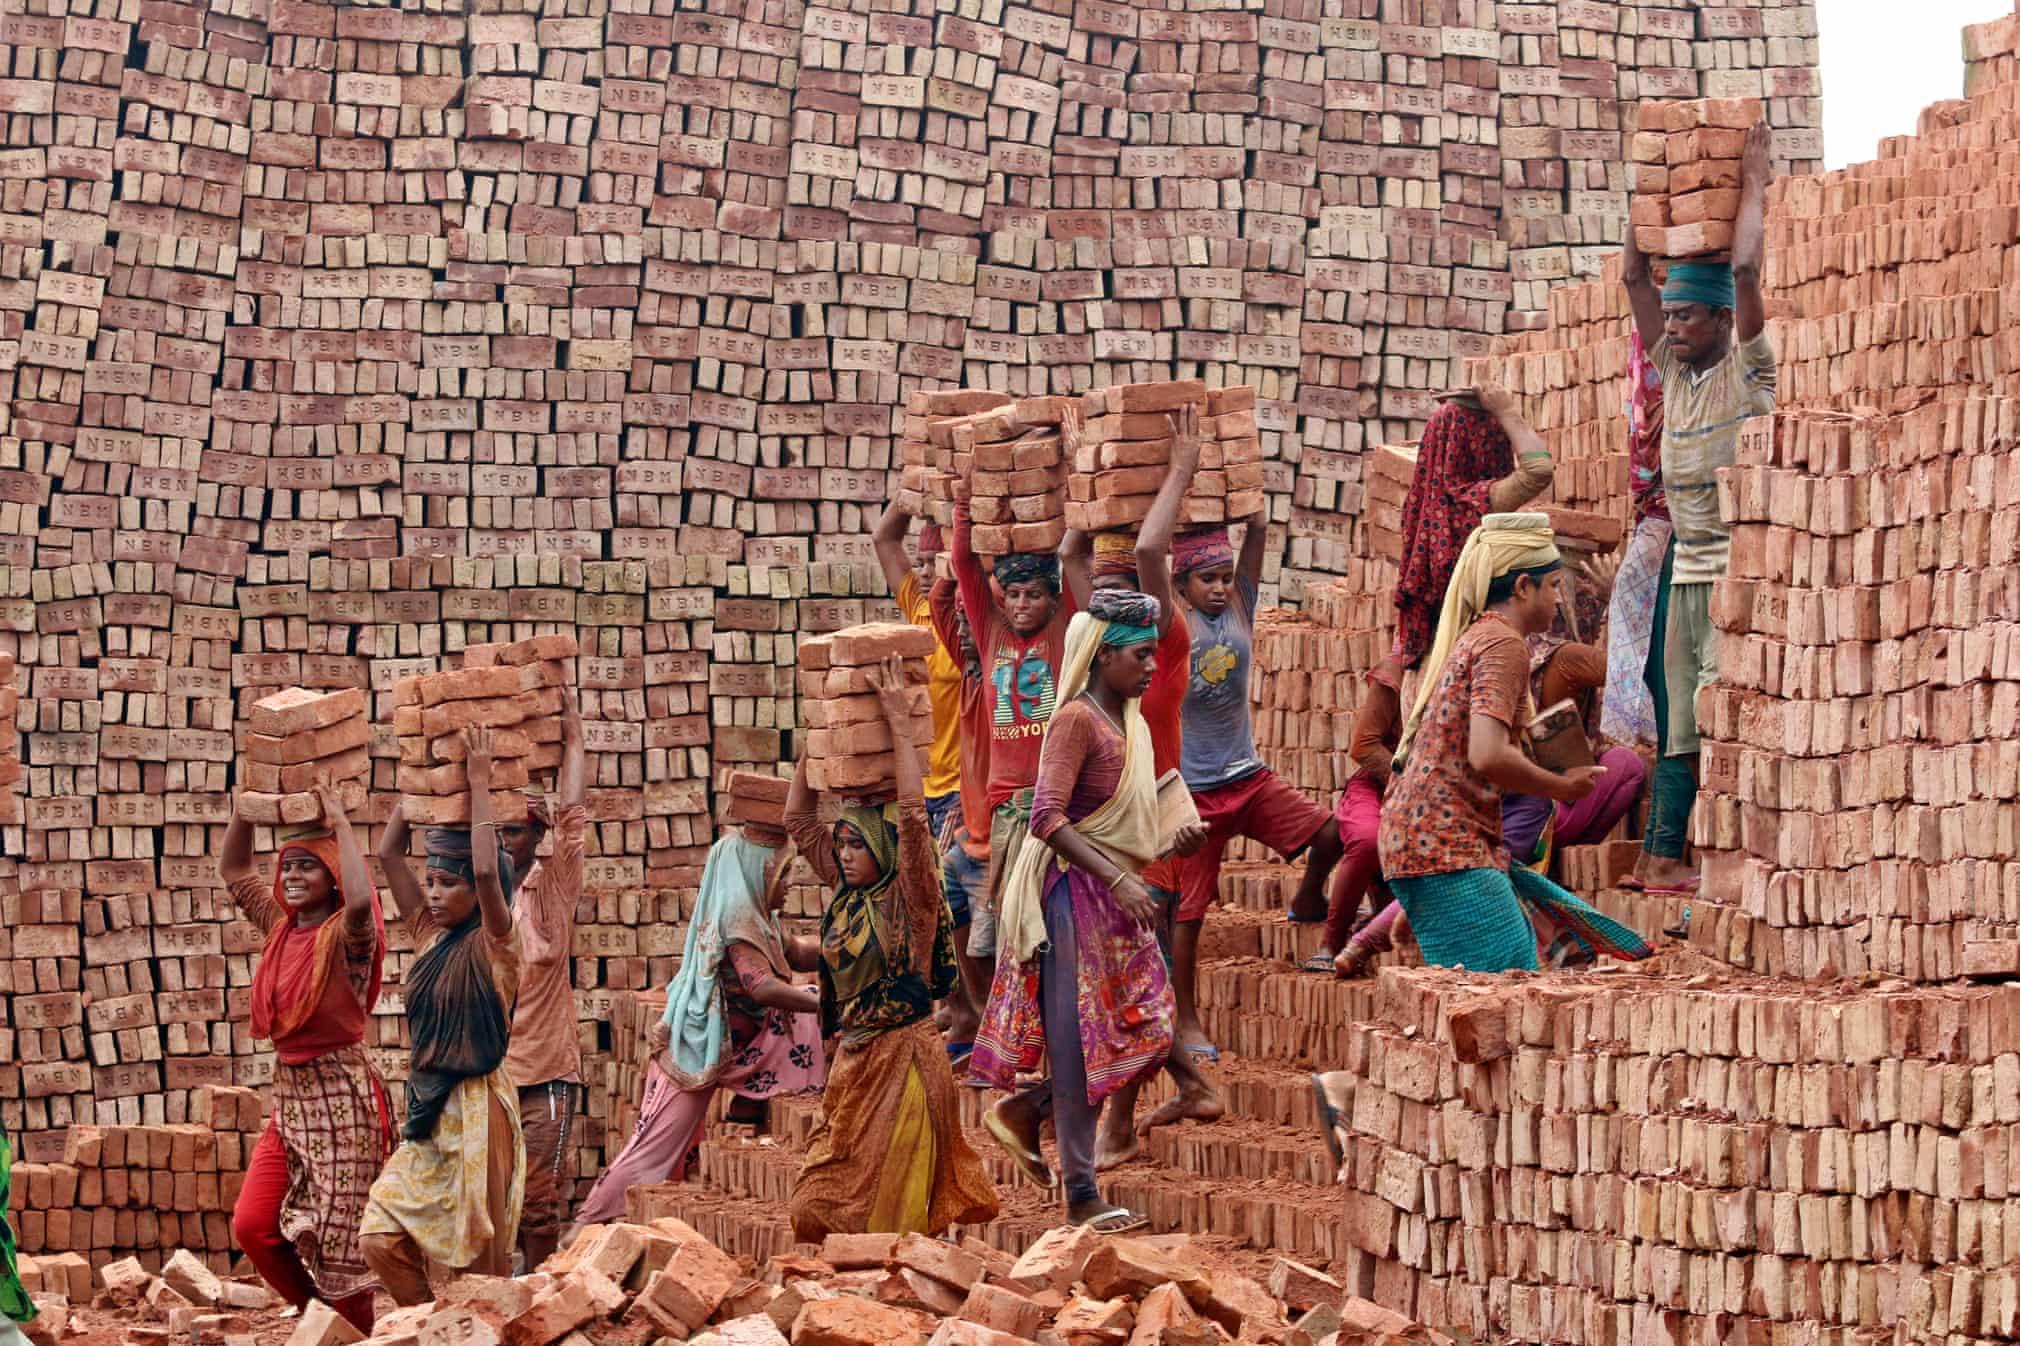 تلاش کارگران مهاجر زن در بنگلادش + عکس